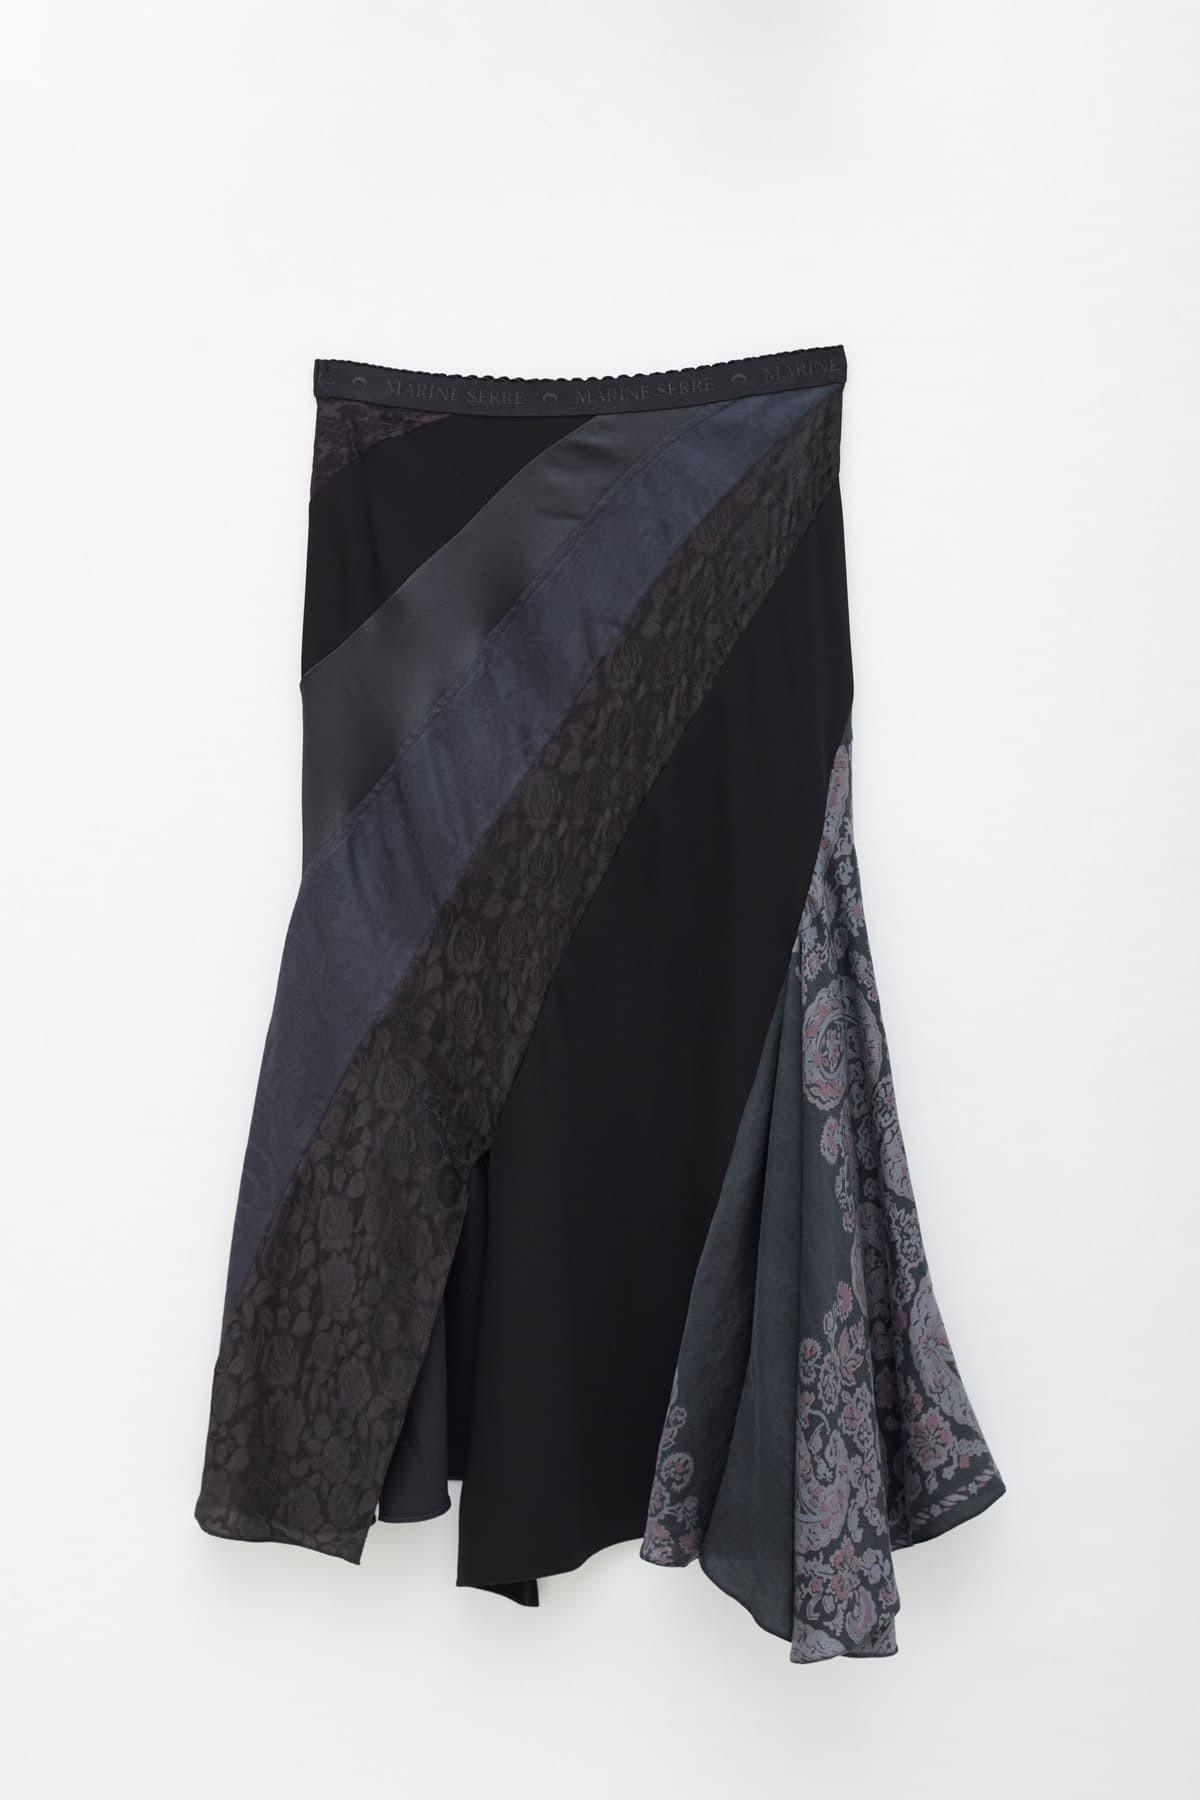 Comprar Maison Kitsuné Grey Melange Chillax Fox Patch Classic T-Shirt